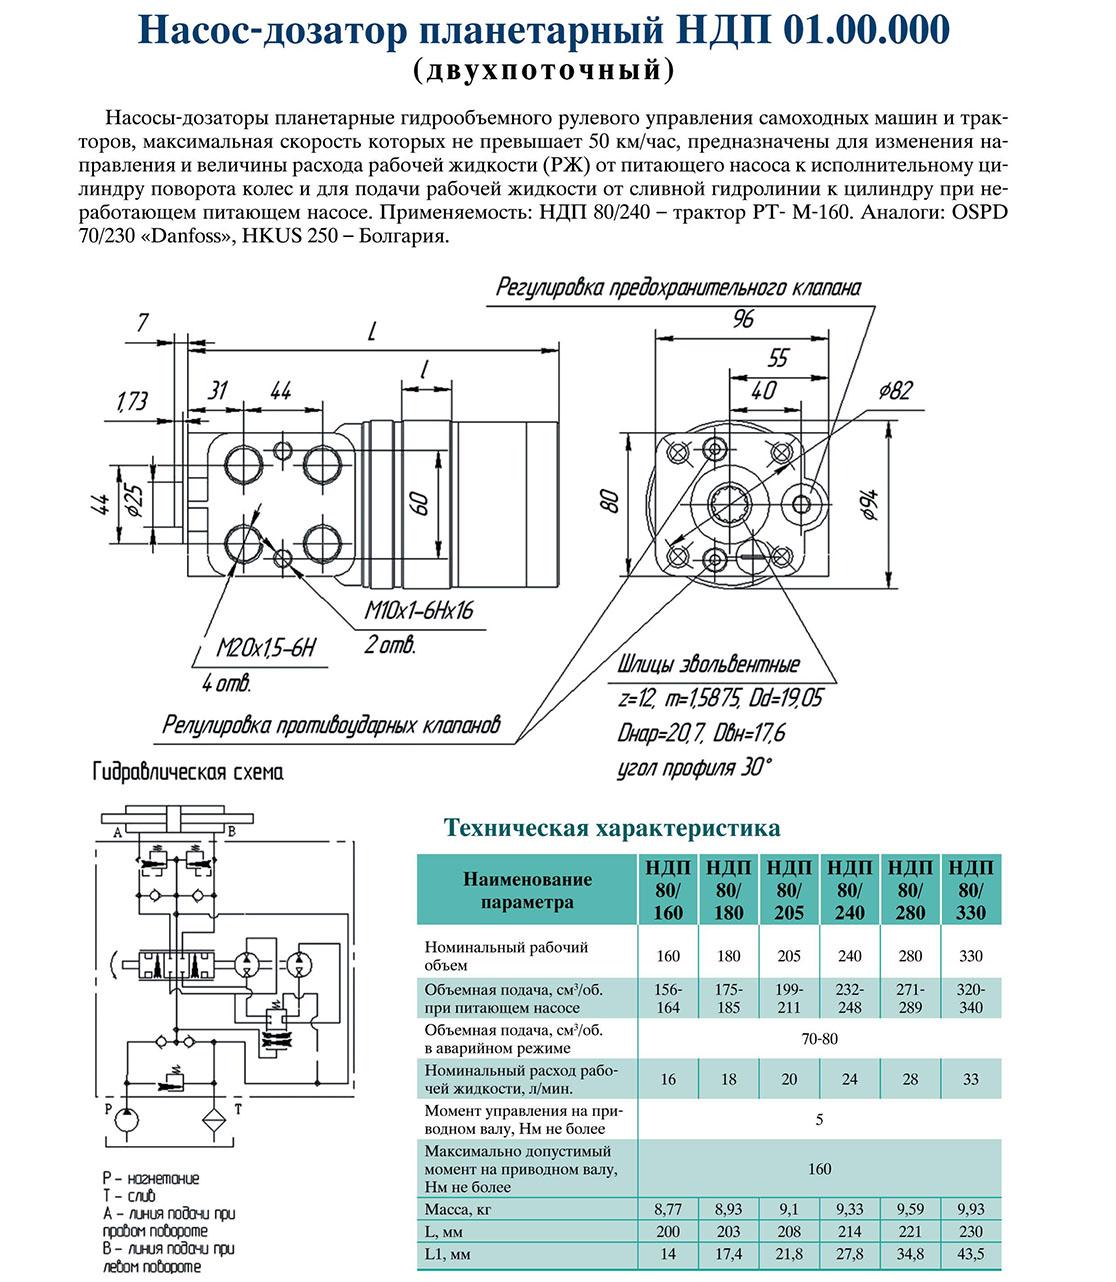 НДП 80 фото, схема, паспорт, характеристики, инструкция, картинка, параметры, изготовитель, завод производитель